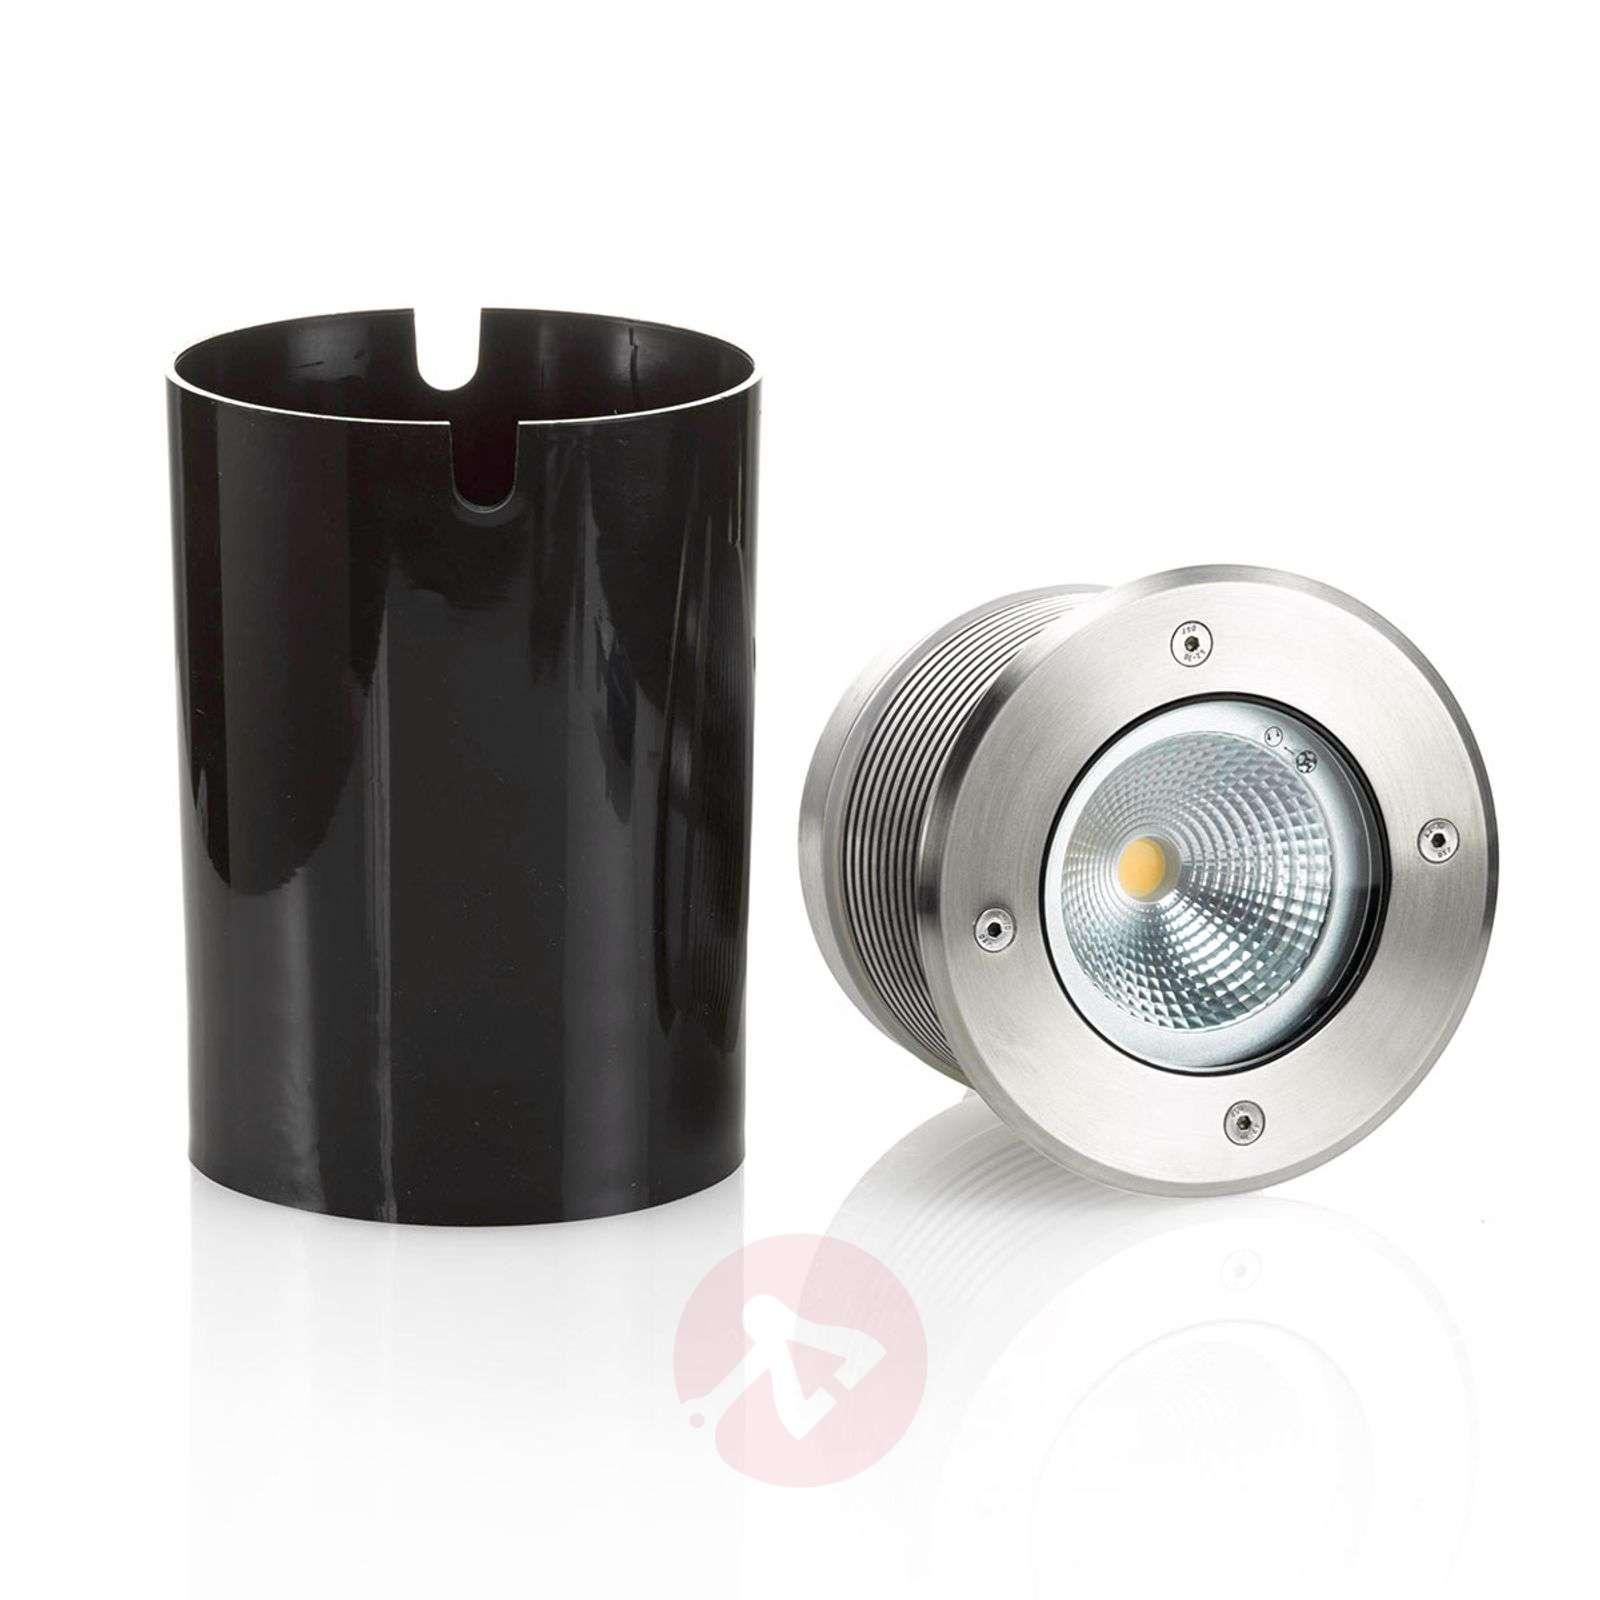 LED-lattiauppovalaisin Sanna, IP67, pyöreä-9969099-02